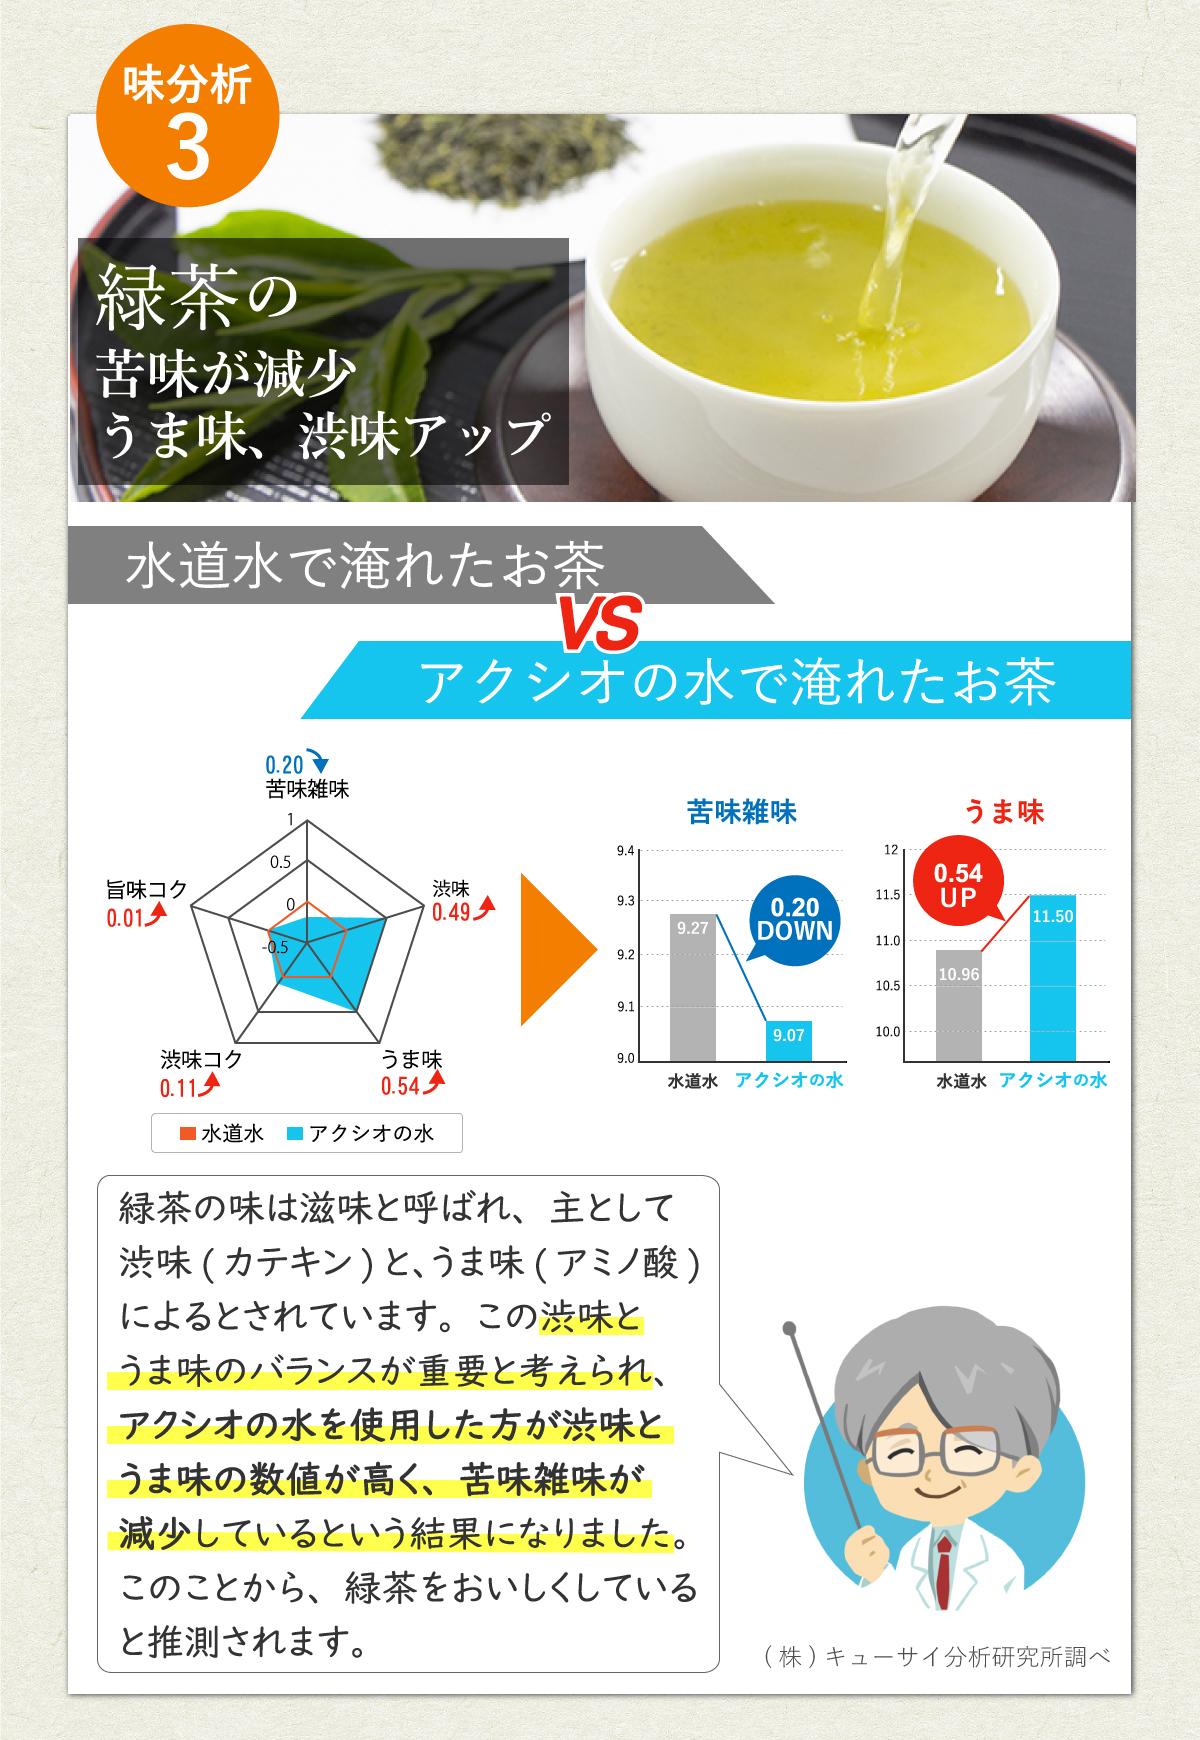 お茶の味実験結果